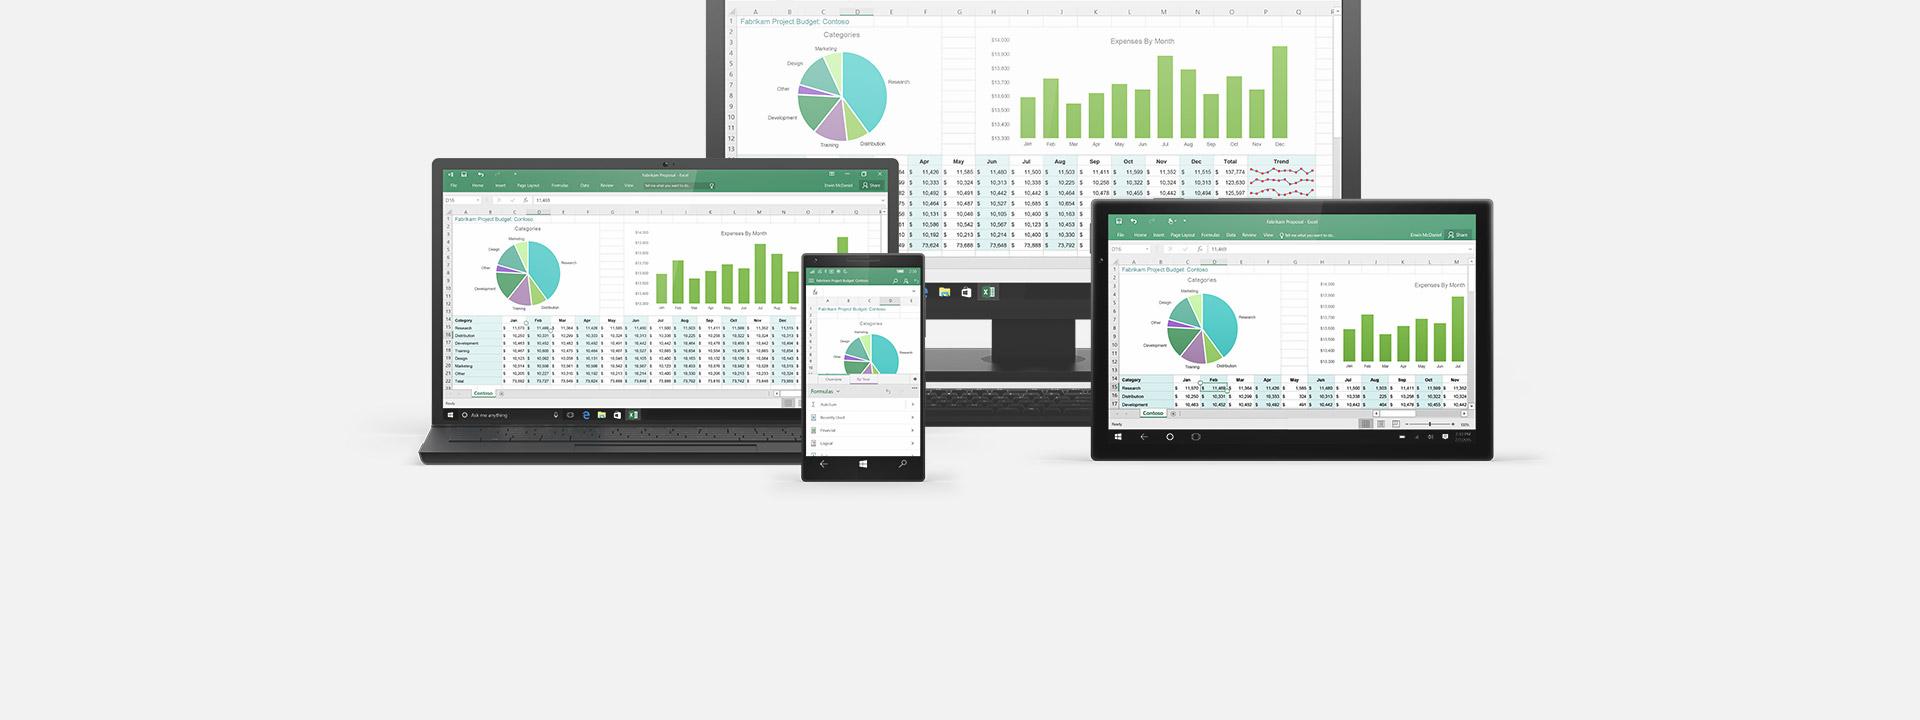 Flera olika enheter, läs mer om Office 365